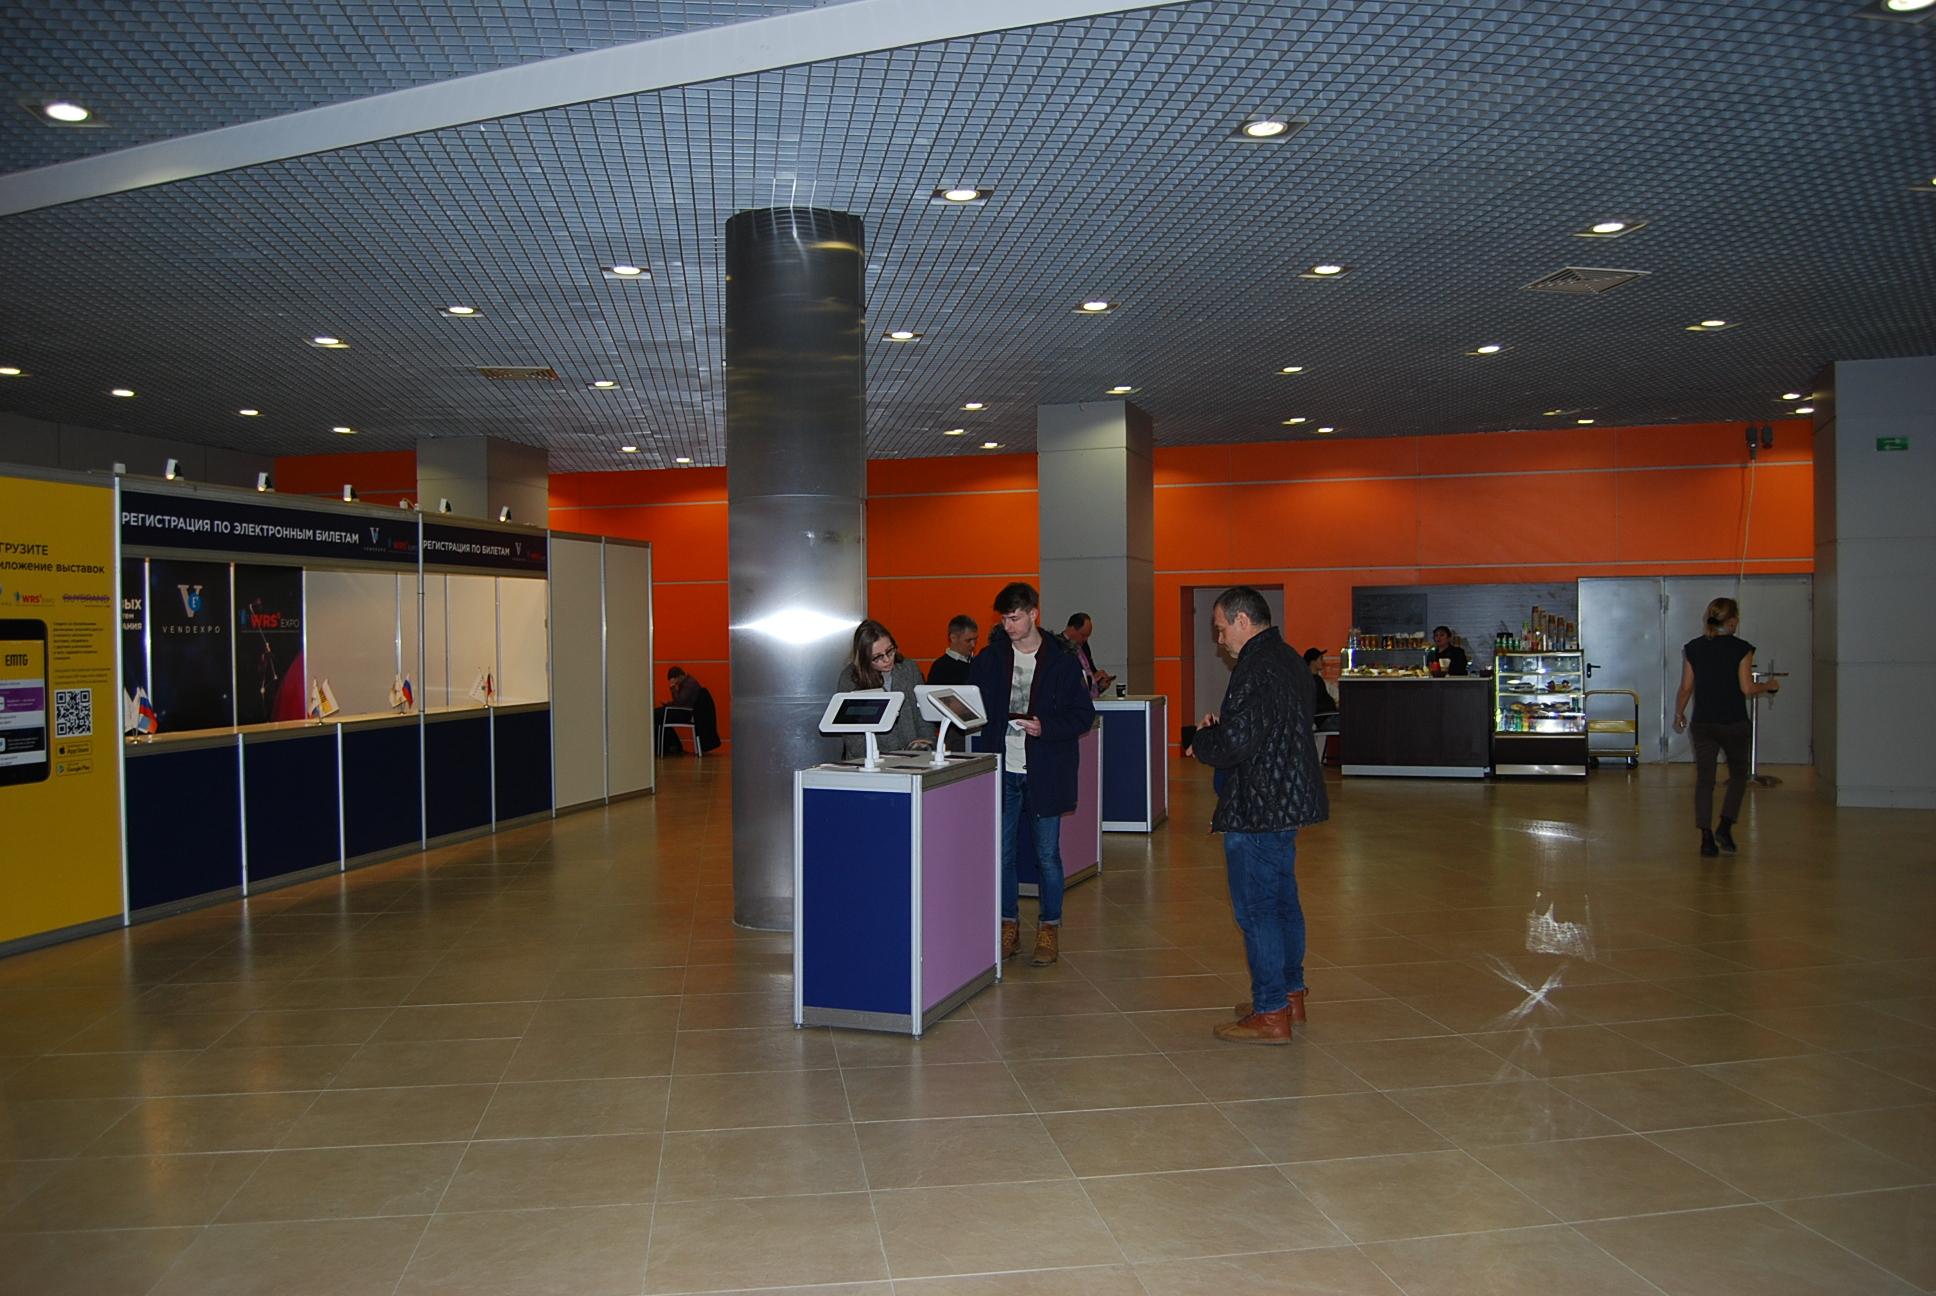 Выставка VendExpo 2018. Москва. ВДНХ. от 02.04.2018 9:17:00